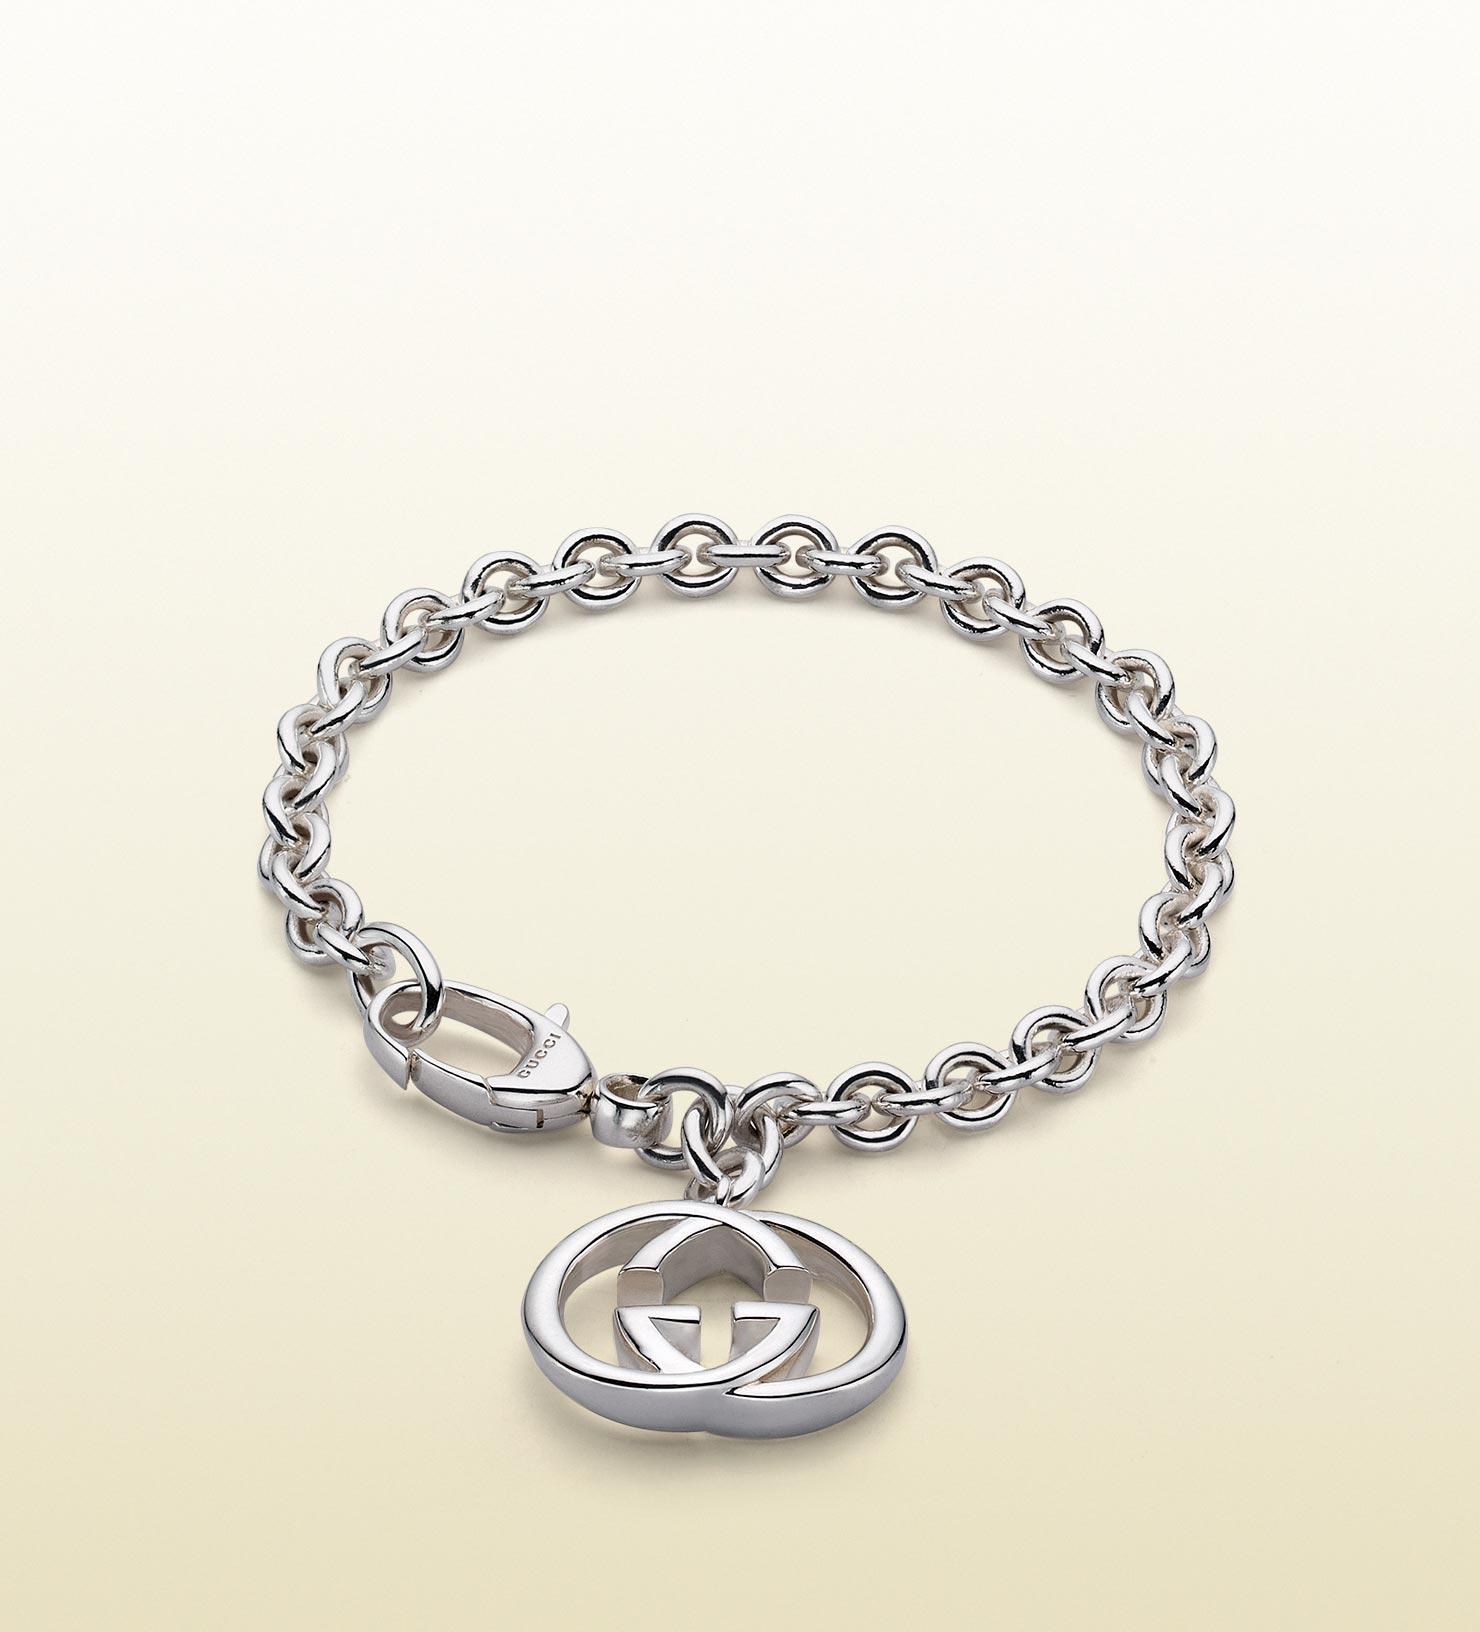 Gallery Women S Charm Bracelets